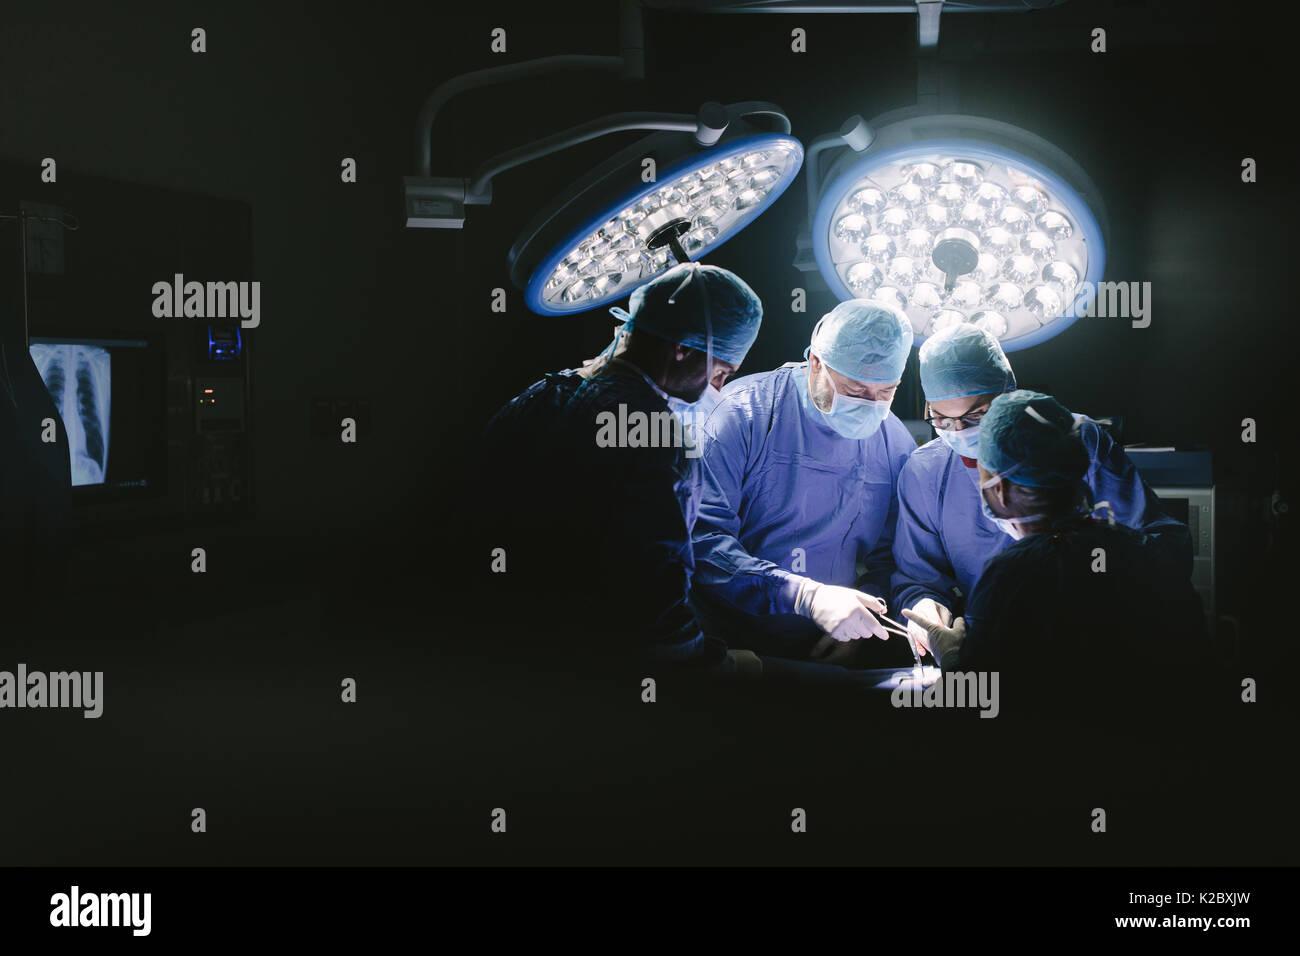 Medizinisches Team Chirurgie durchführen. Gruppe von Chirurgen im Krankenhaus operation Theater. Stockfoto